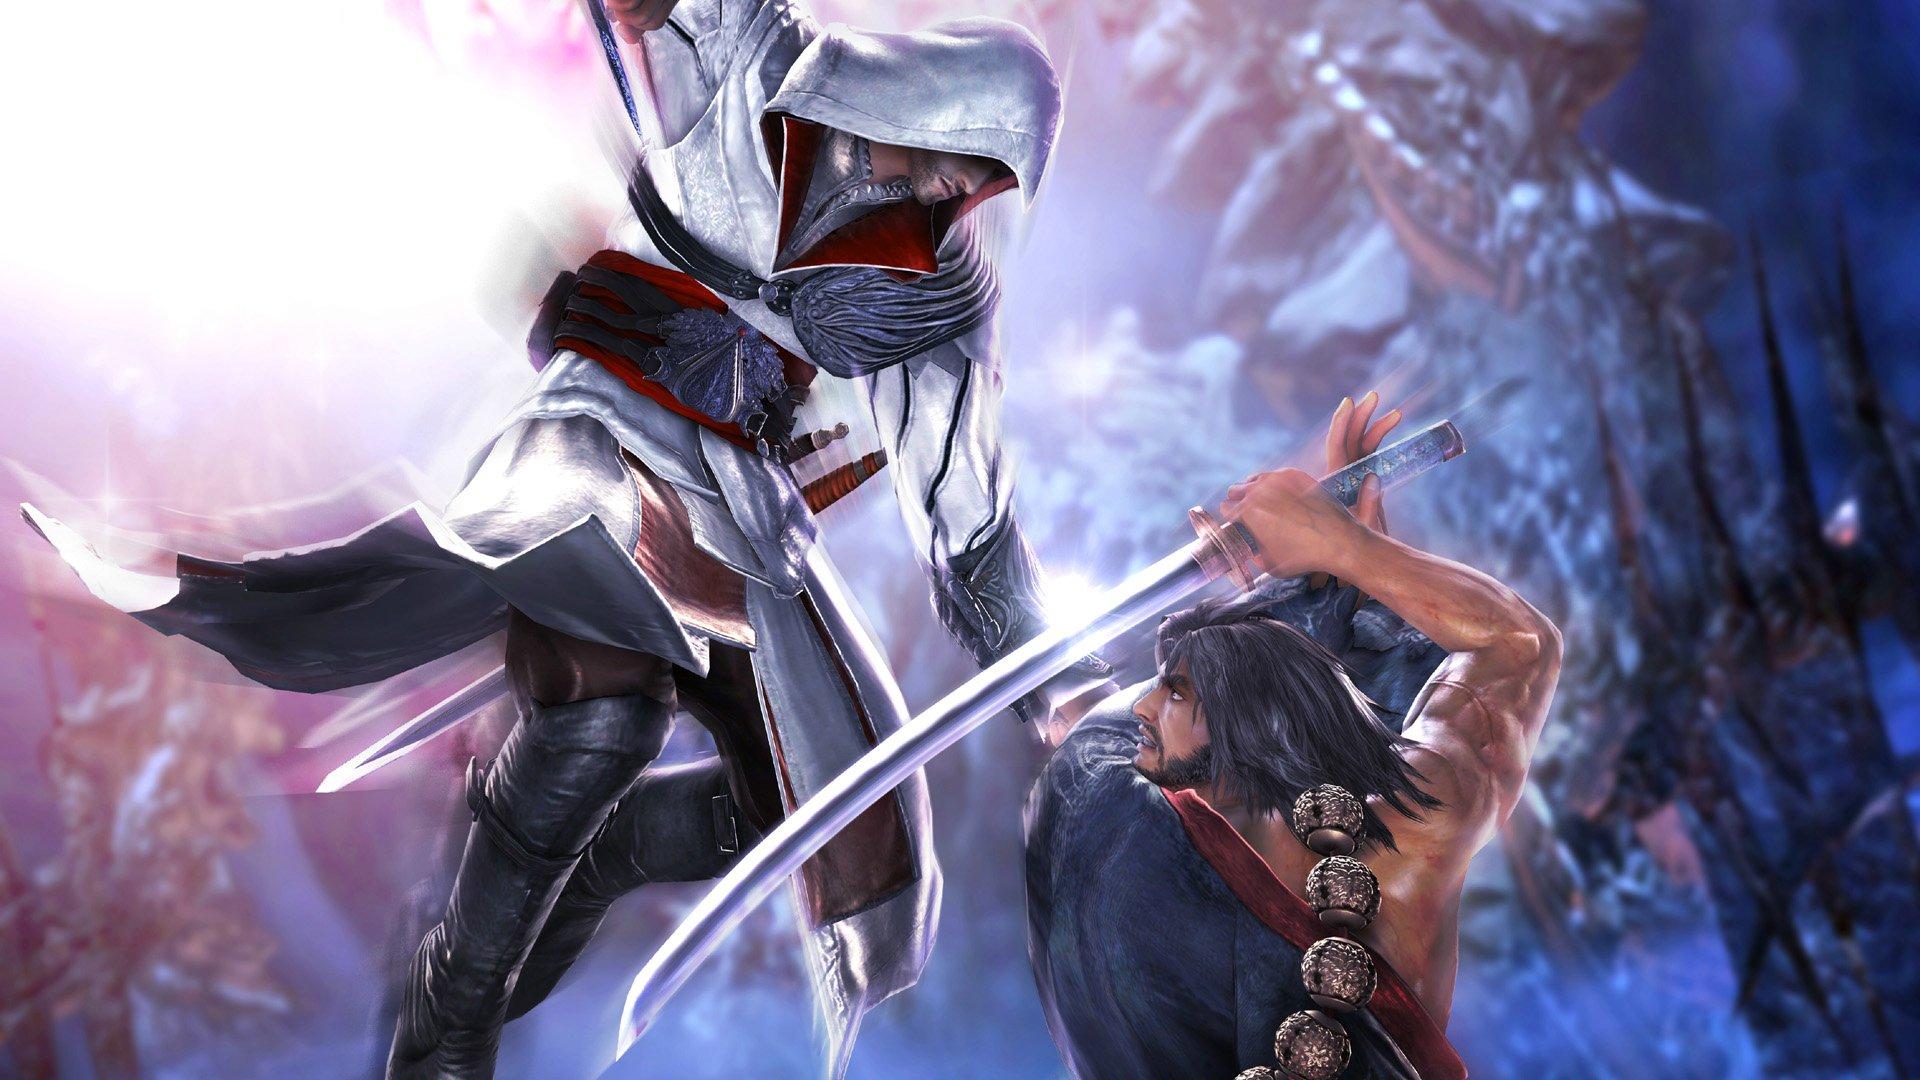 Soulcalibur V Hd Wallpaper Background Image 1920x1080